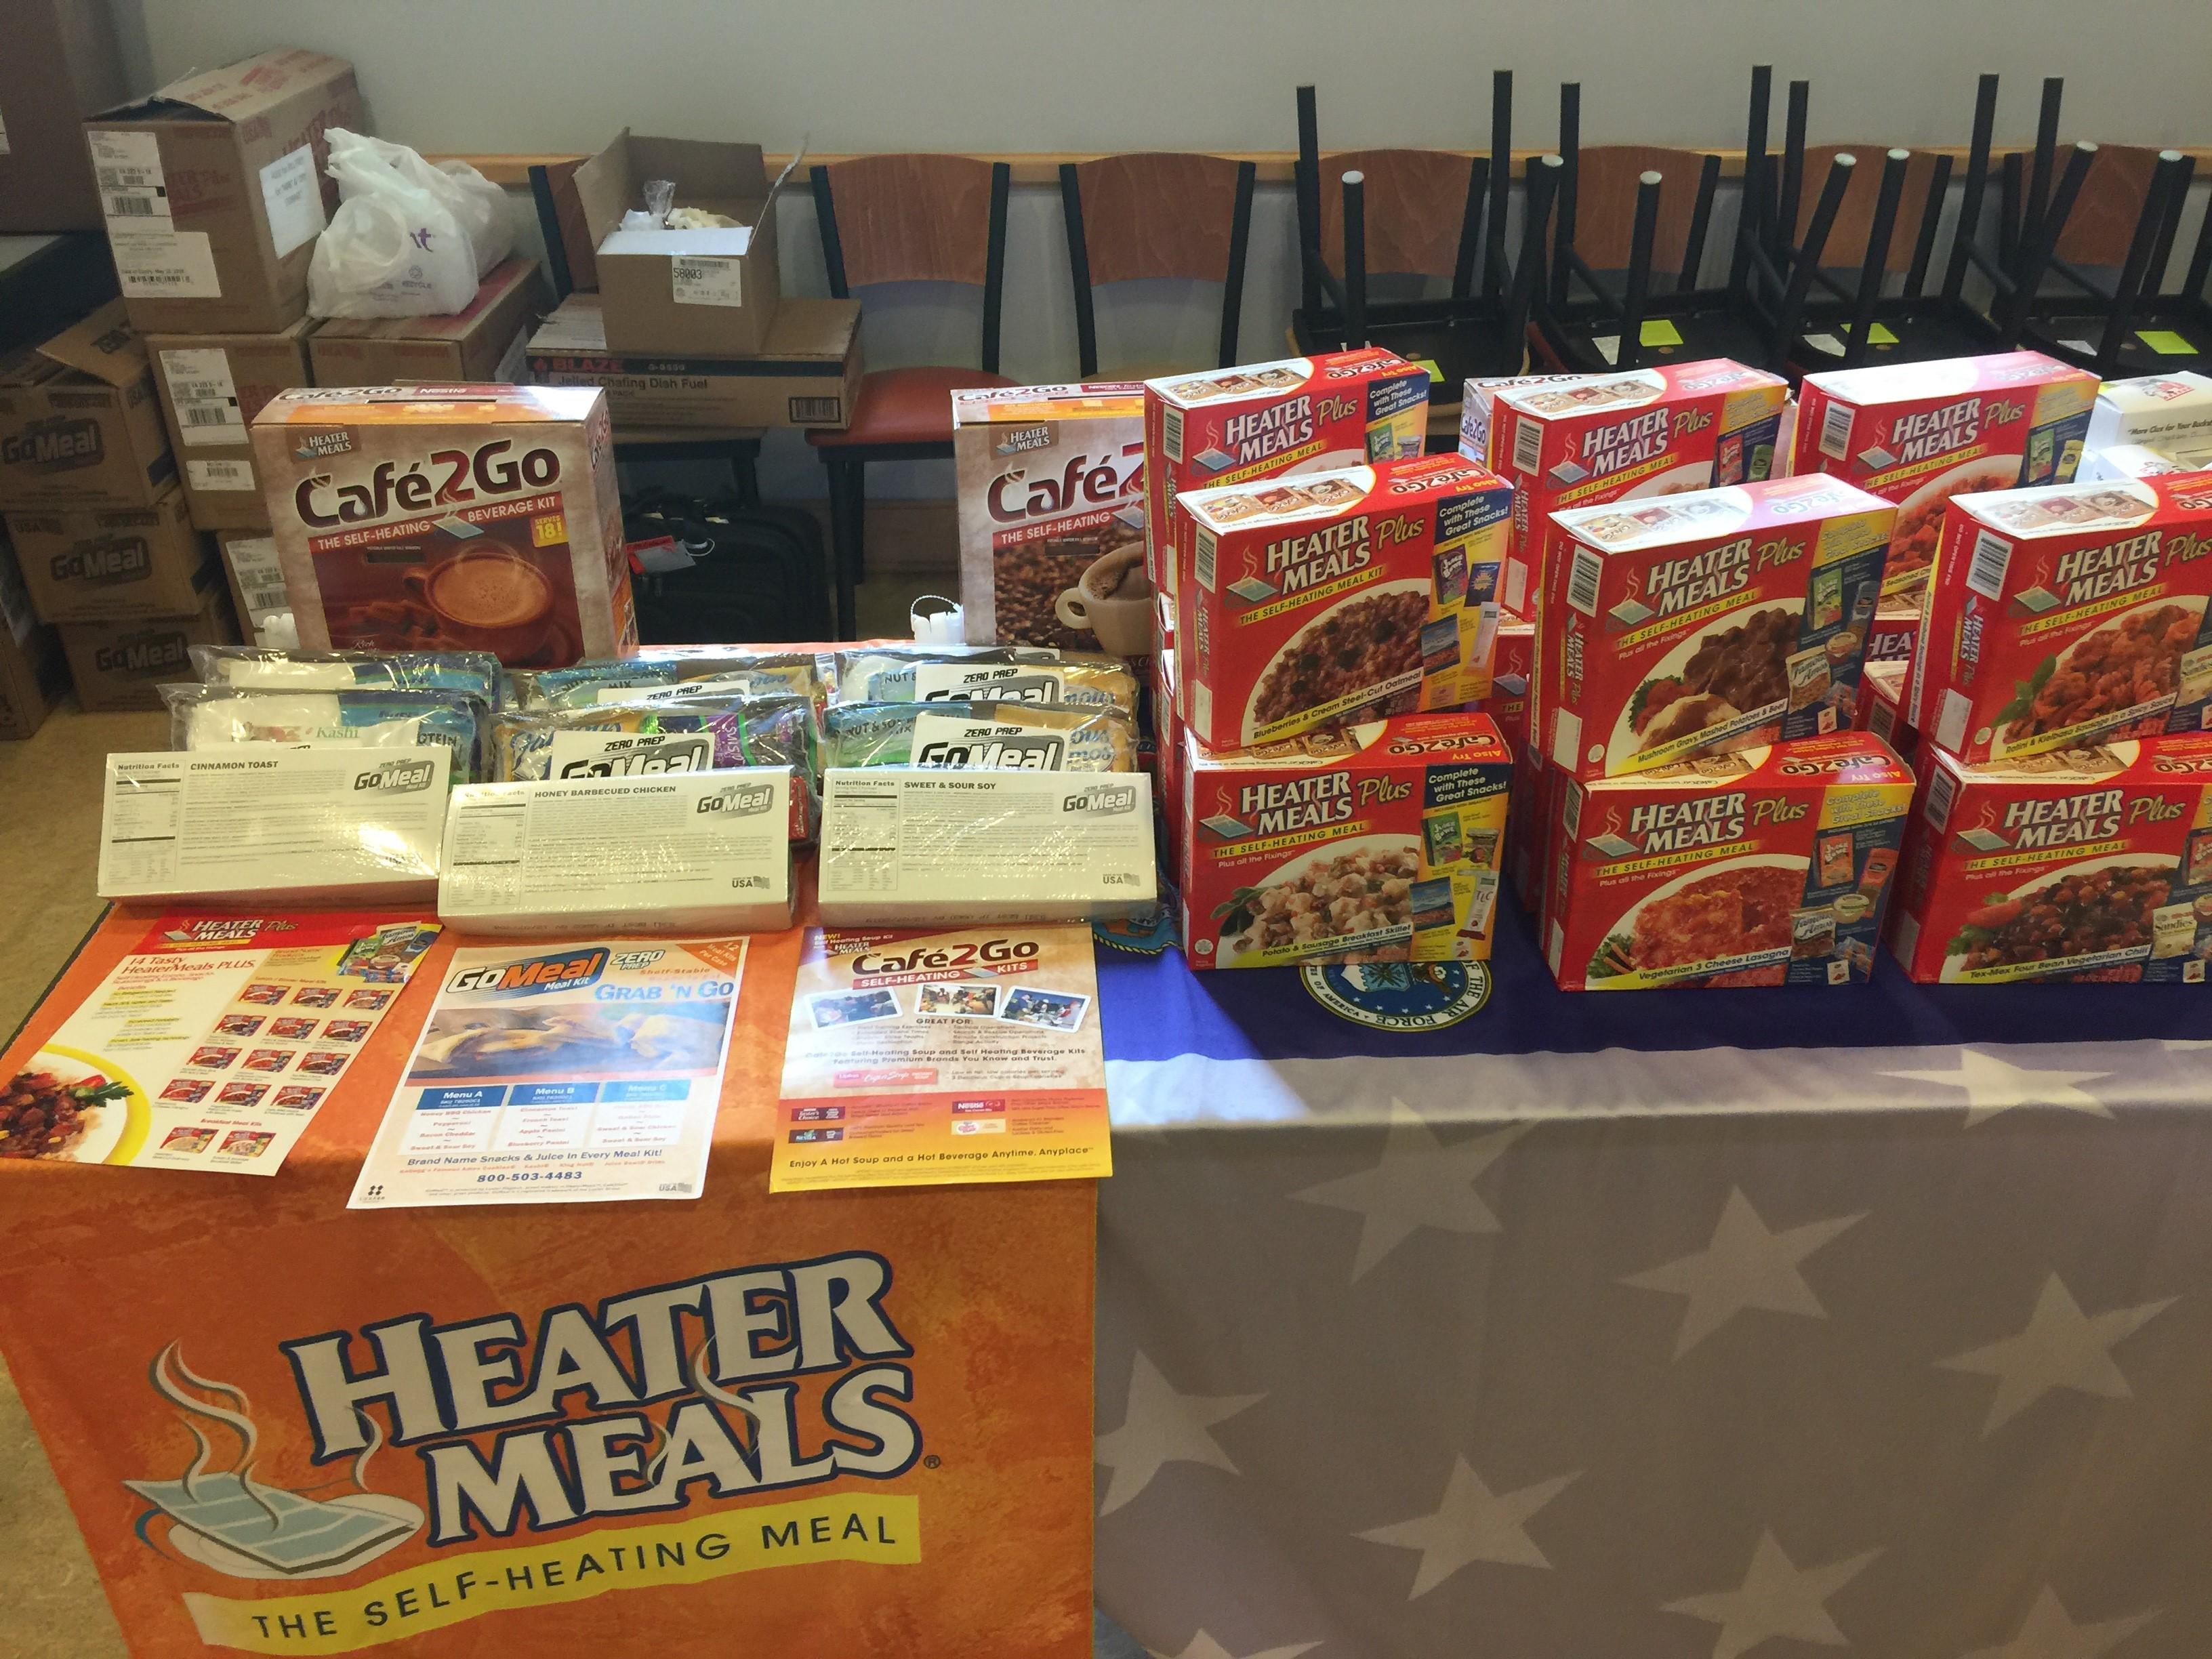 HeaterMeals, GoMeals & Cafe-2-Go